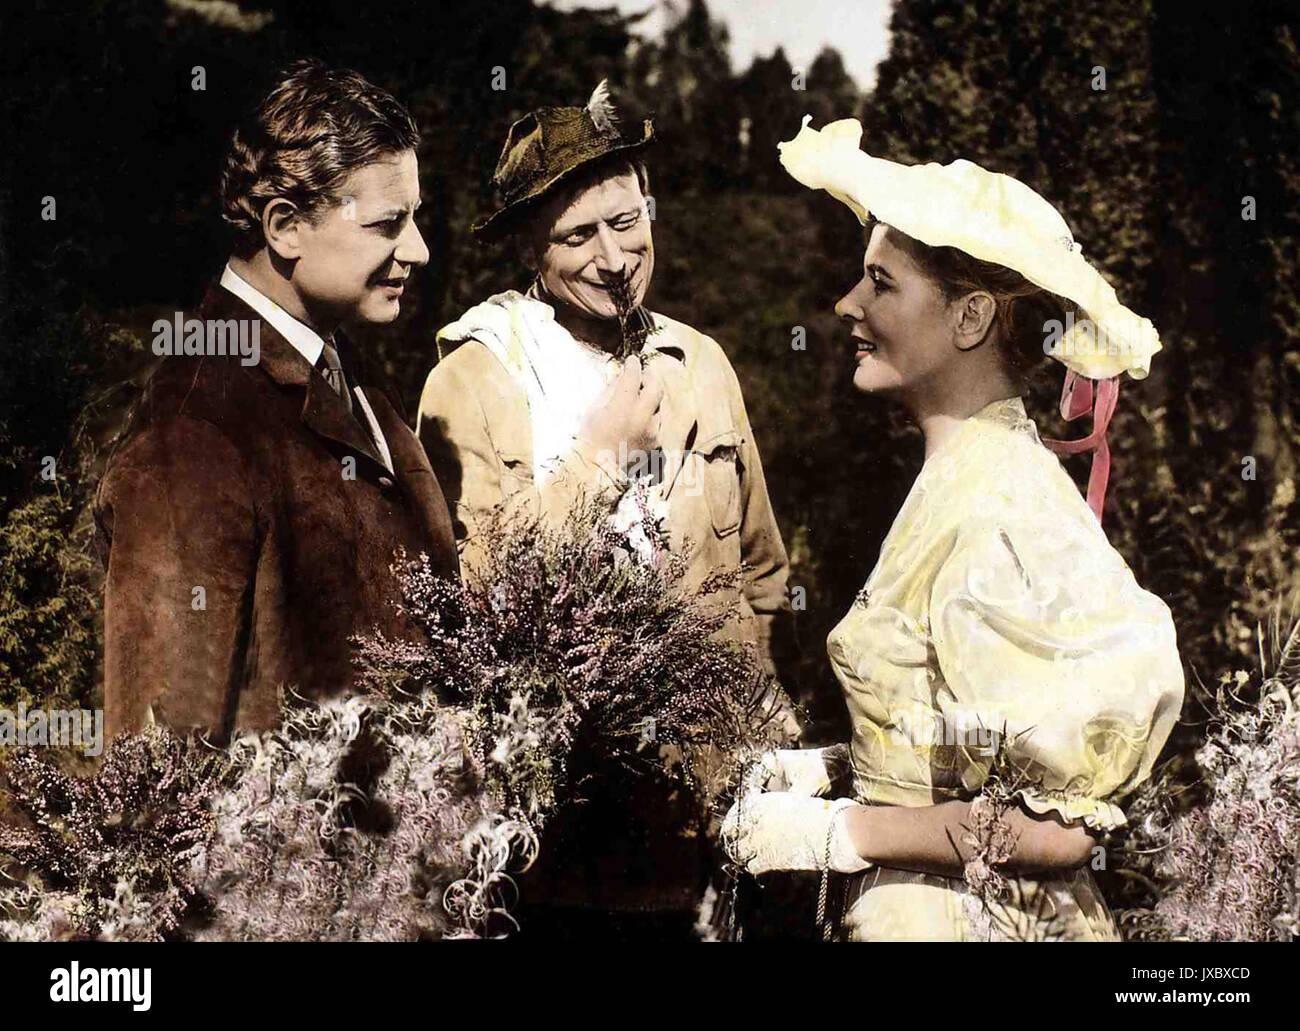 Rot ist die Liebe, Deutschland 1957, Regie: Karl Hartl, Darsteller: Cornell Borchers, Dieter Borsche - Stock Image